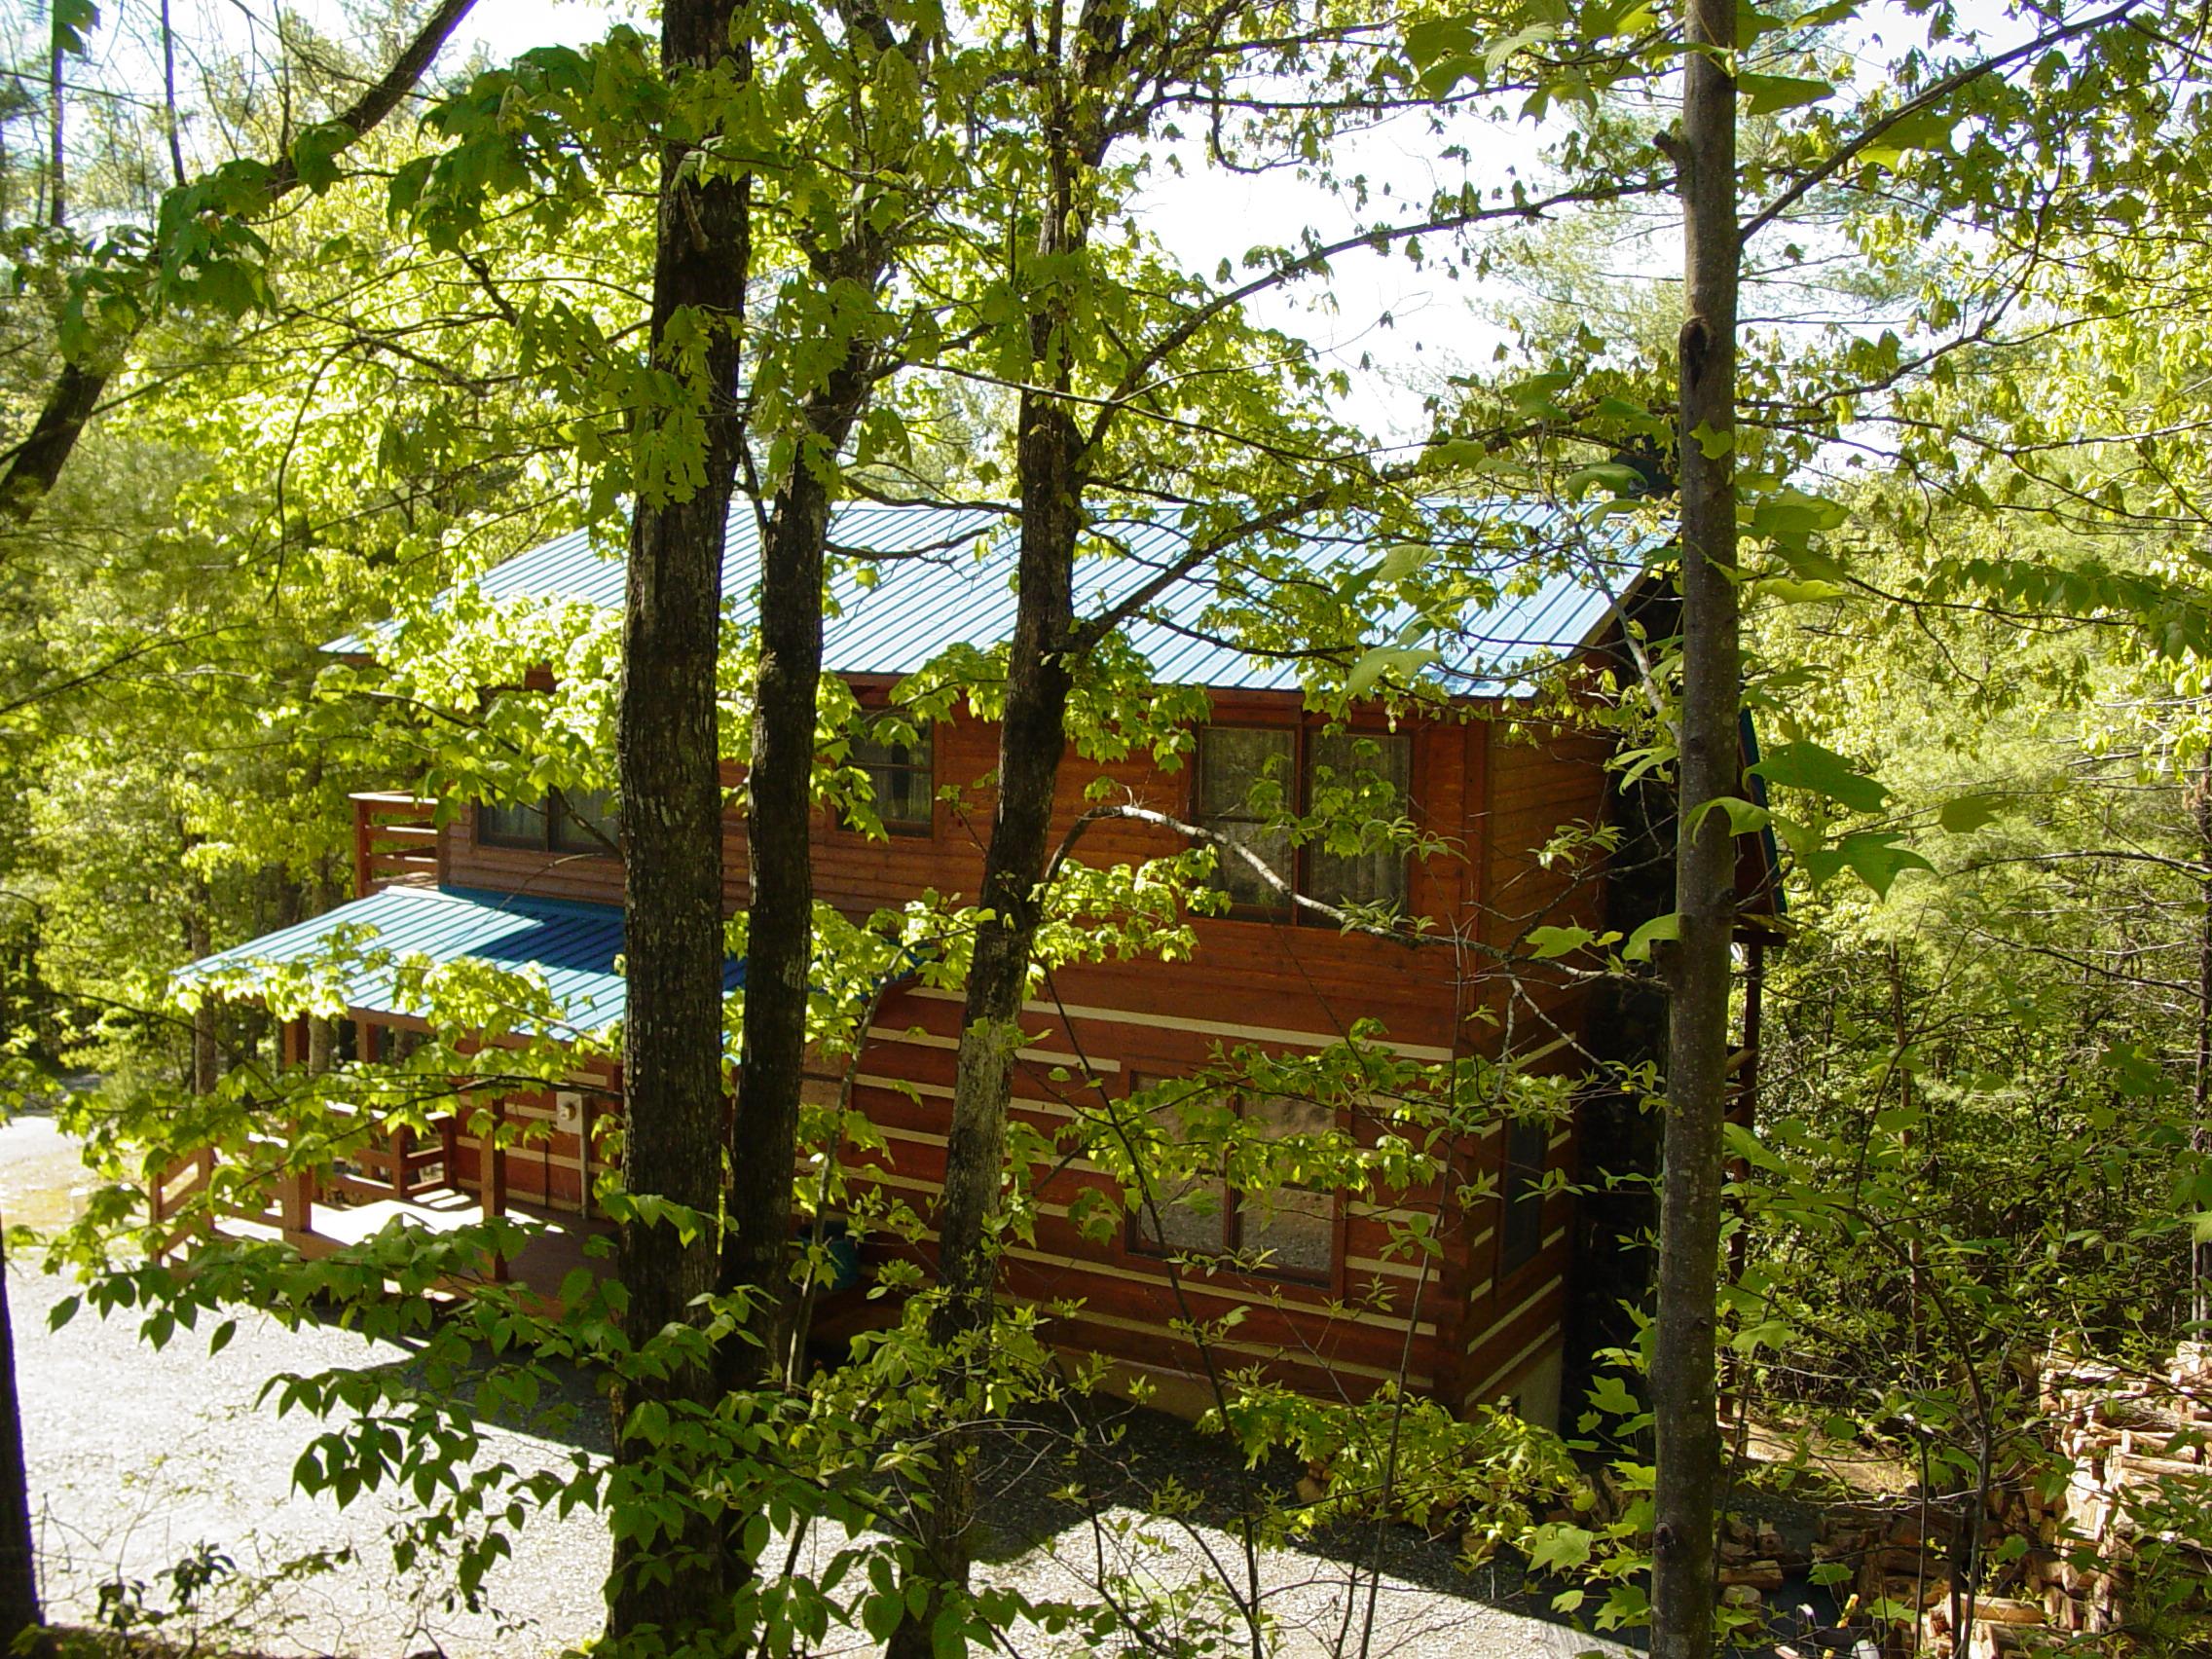 B_H Outside_05_07_07_008.jpg